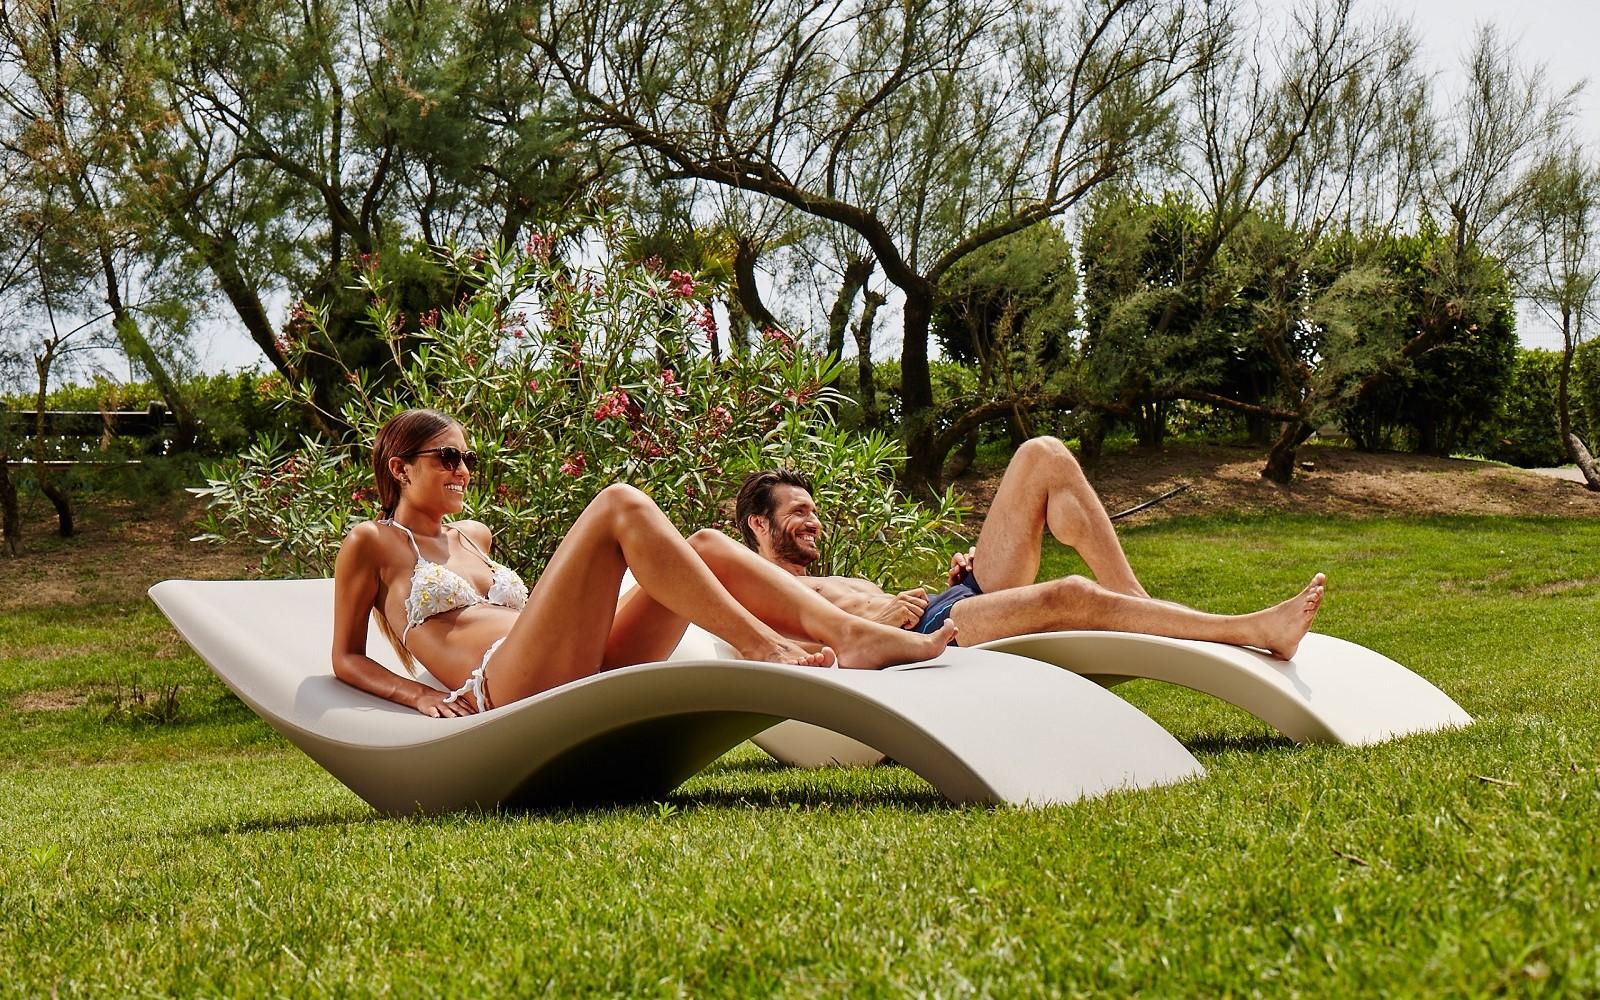 08-Relax-Vacanza-Urlaub-Holiday-Camping-Dei-Fiori